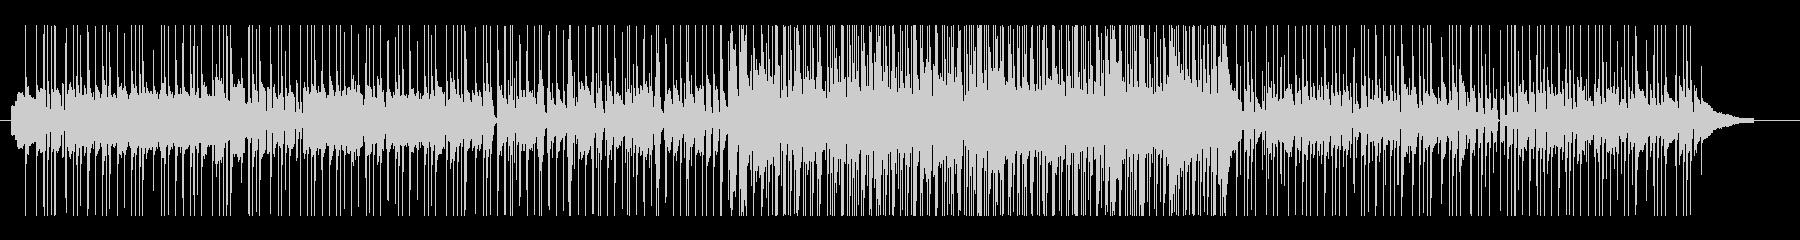 フュージョンライクなピアノトリオ楽曲の未再生の波形